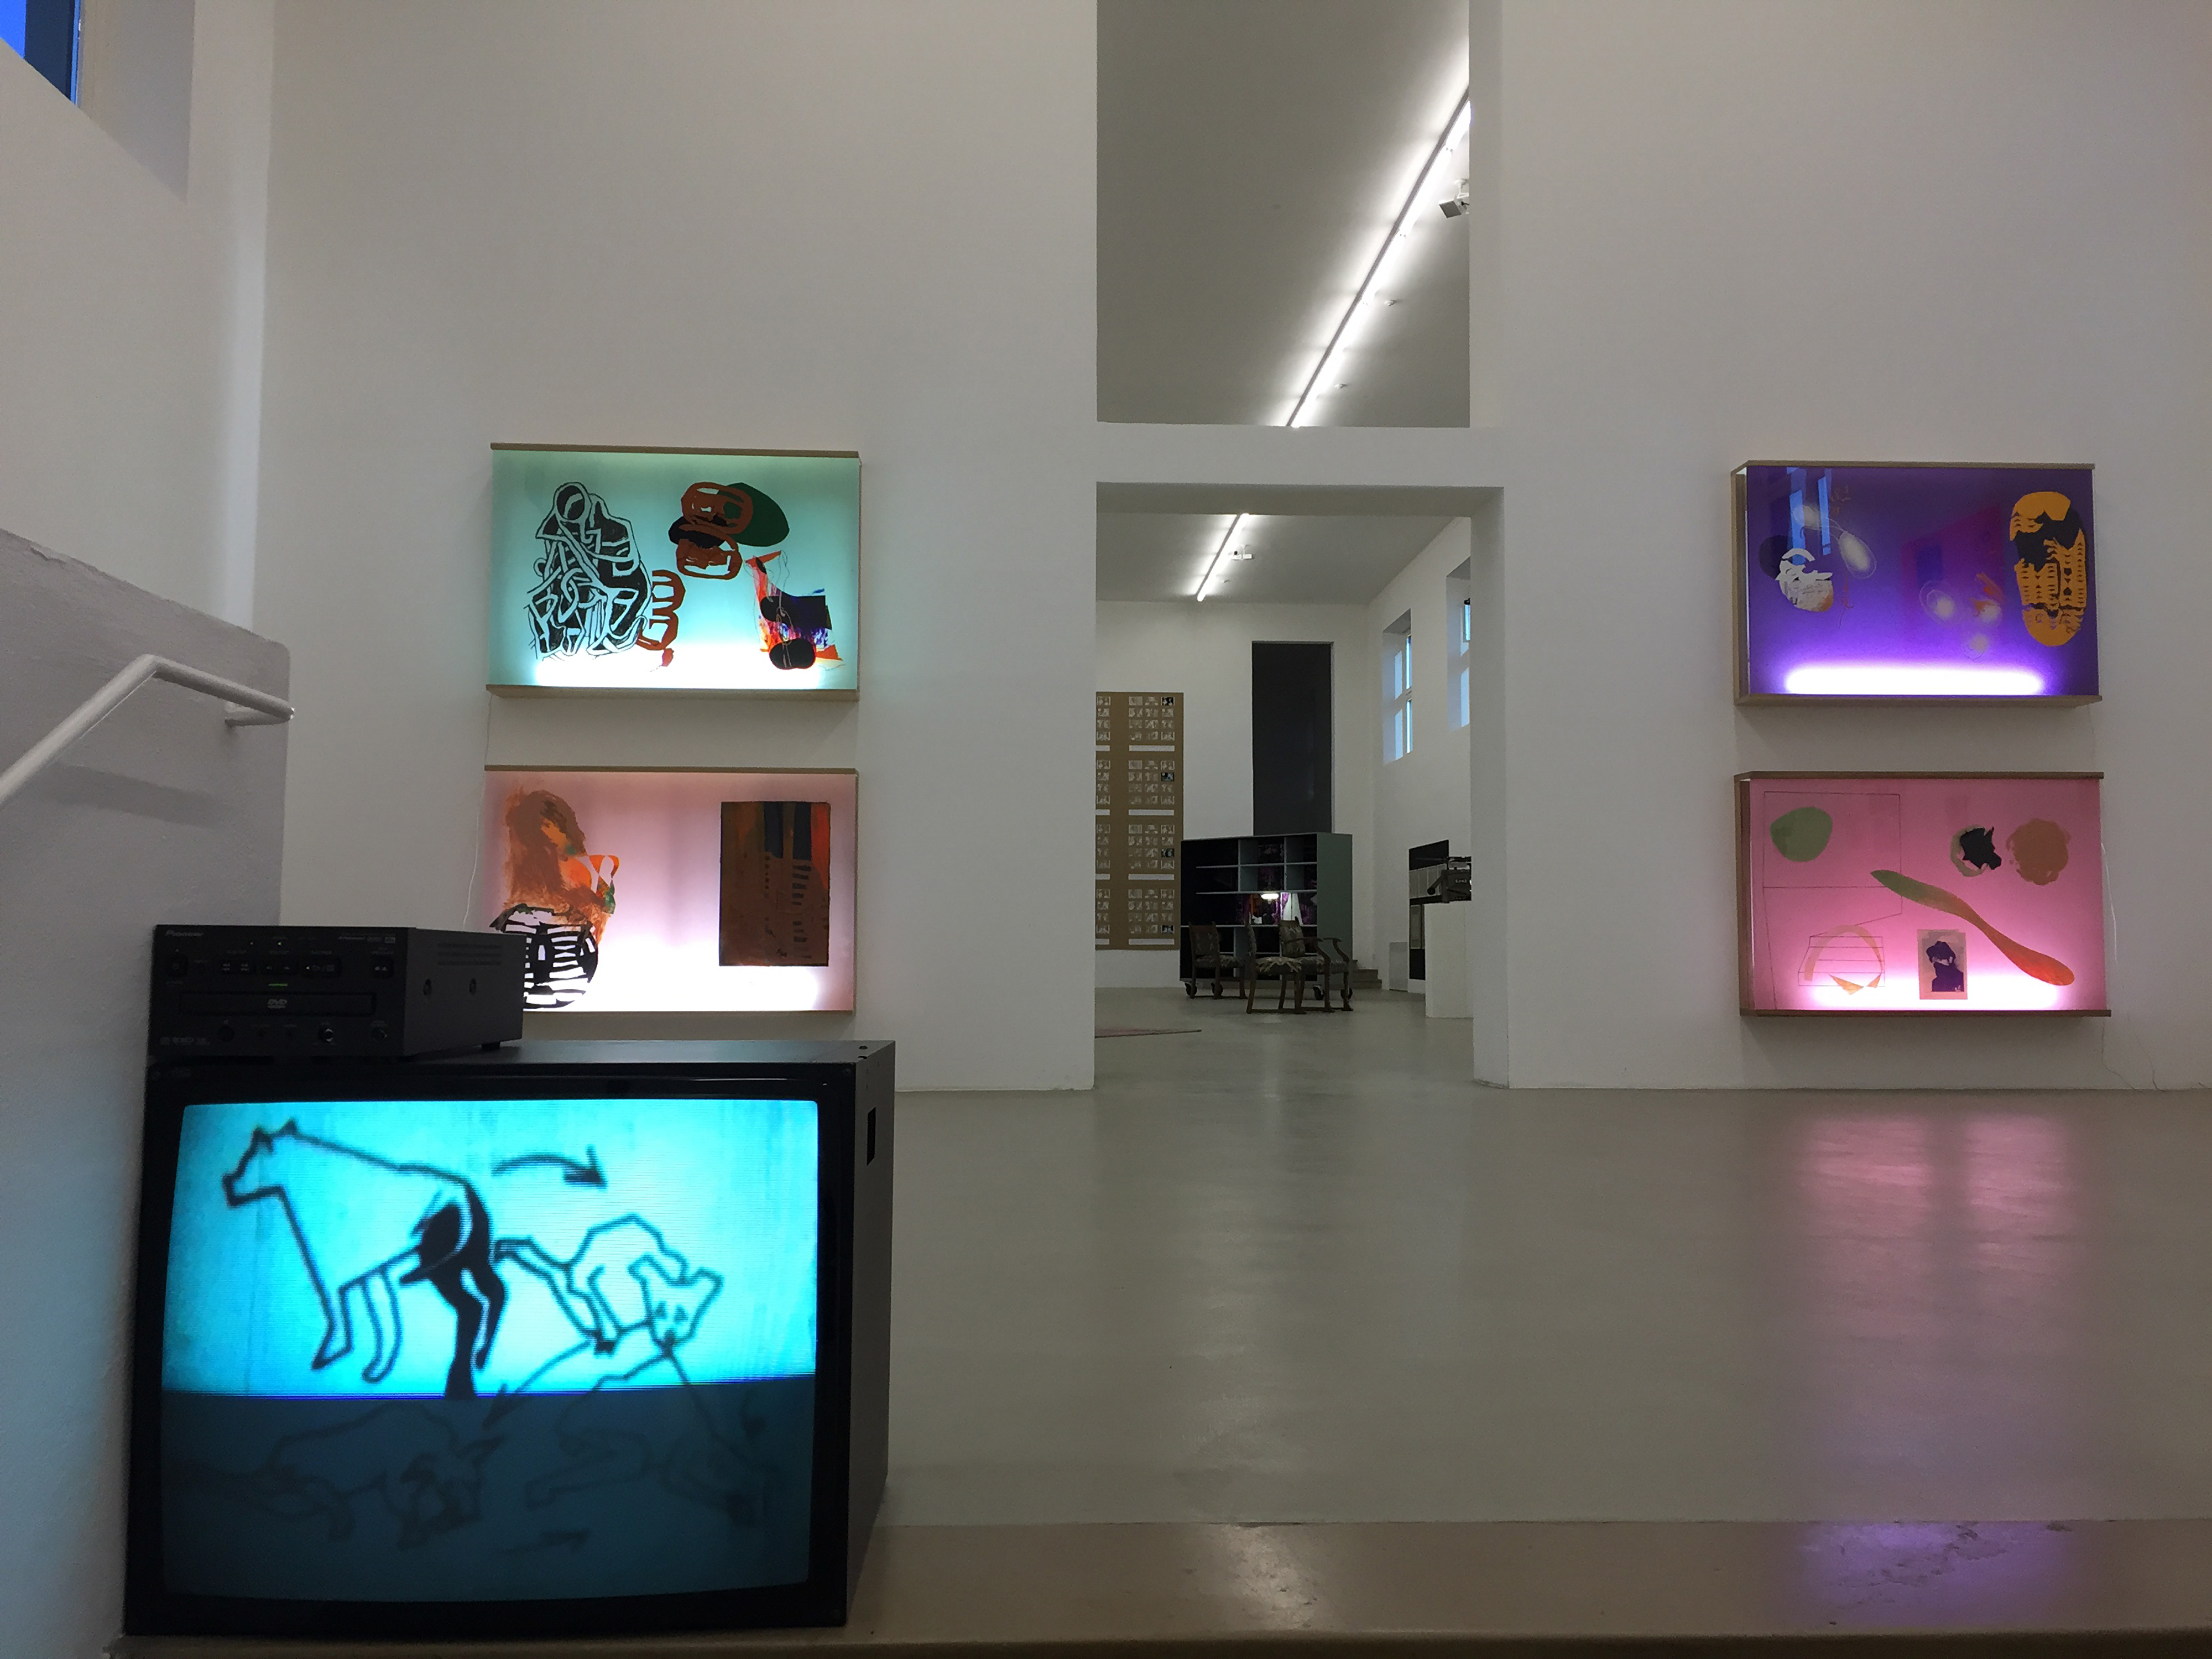 Galerie Barbara Thumm \ Anne-Mie van Kerckhoven – Serving Compressed Energy with Vacuum